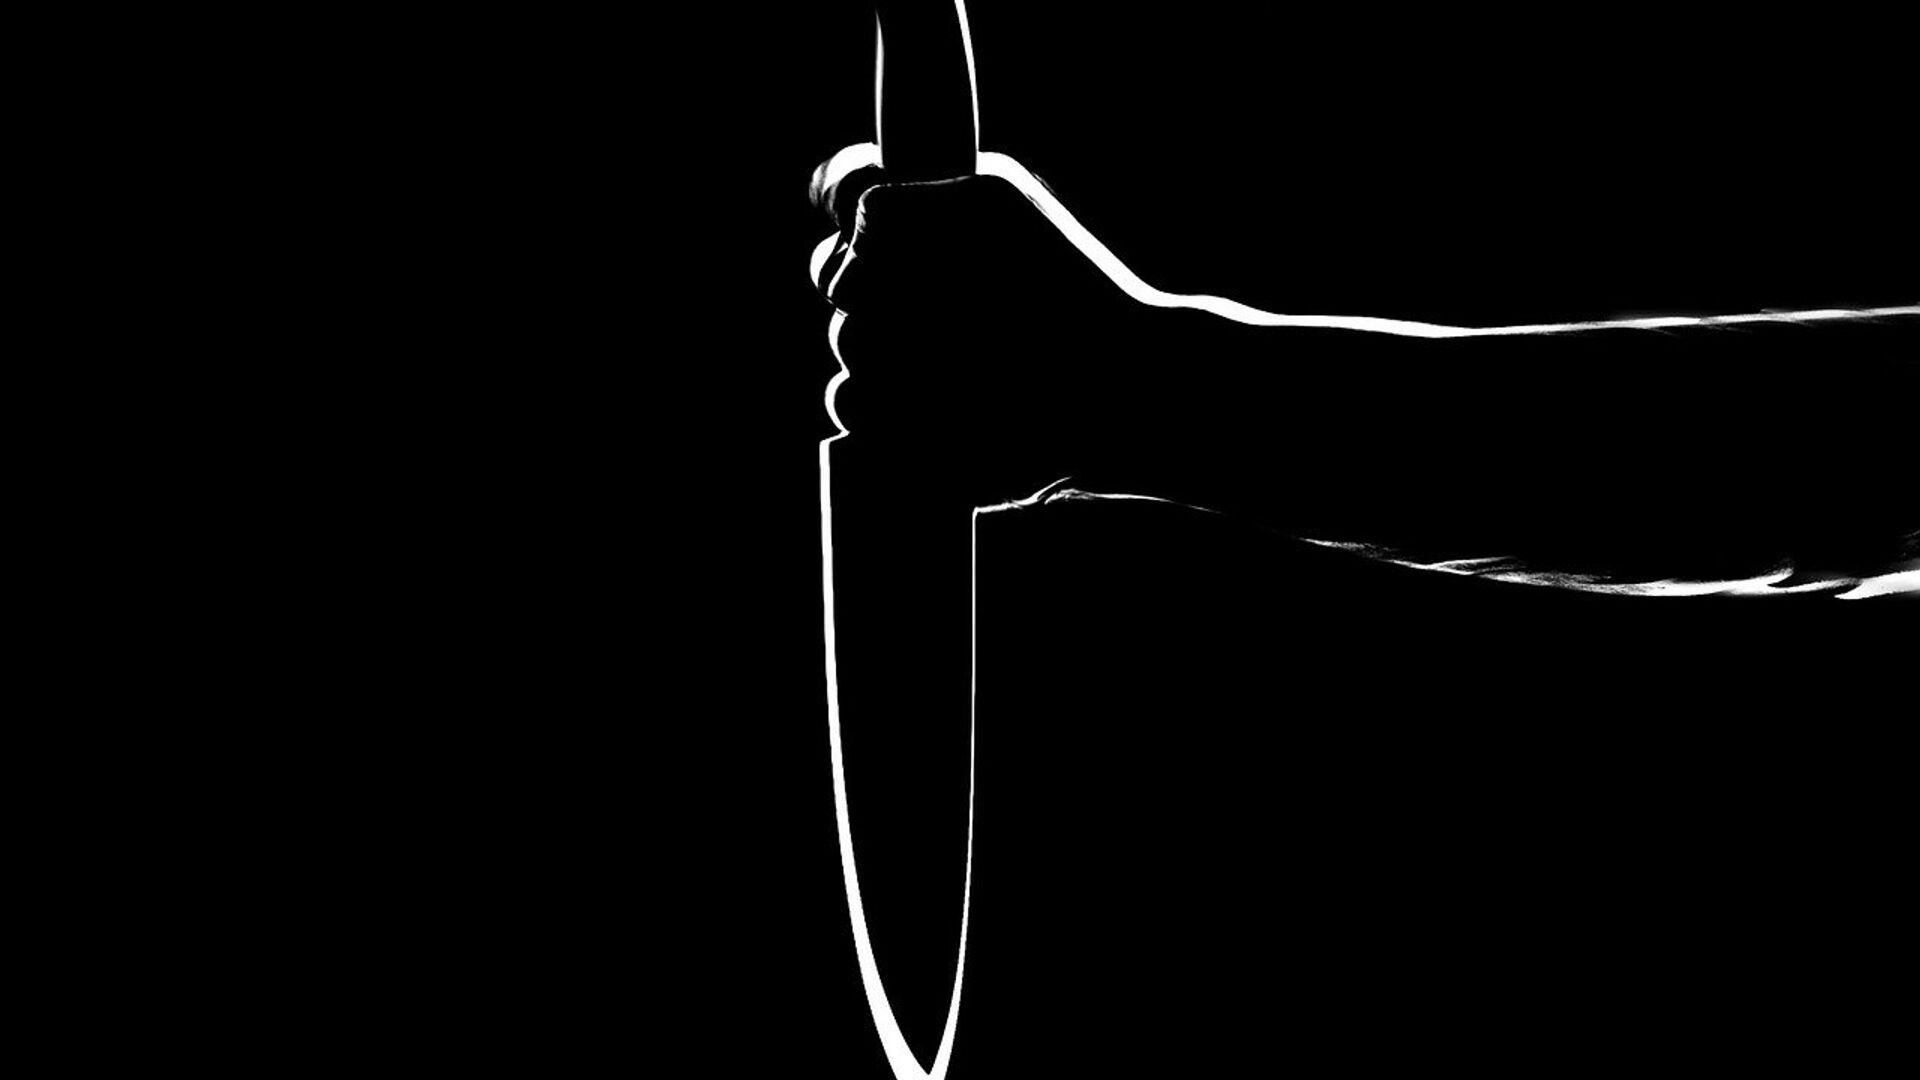 Un cuchillo (imagen referencial) - Sputnik Mundo, 1920, 08.04.2021